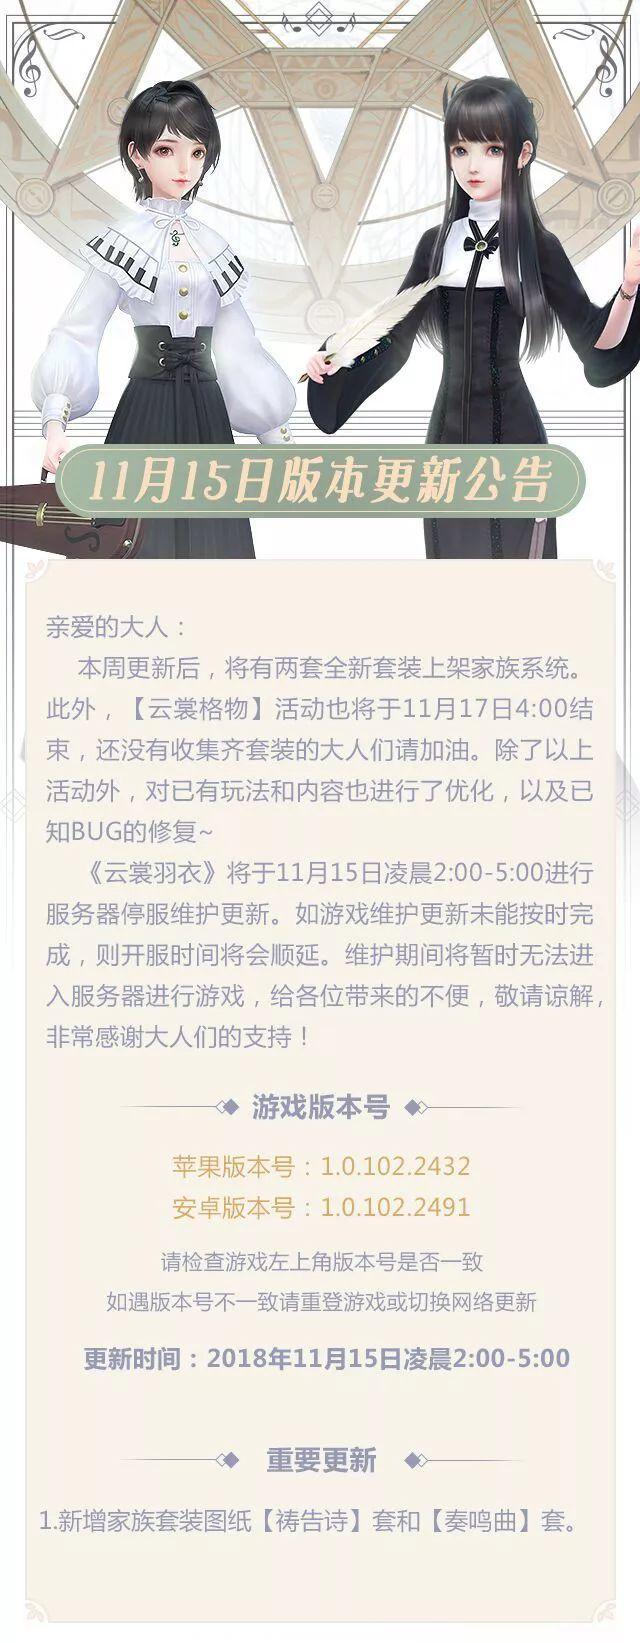 《云裳羽衣》更新公告——命运之域音乐会要开始了!